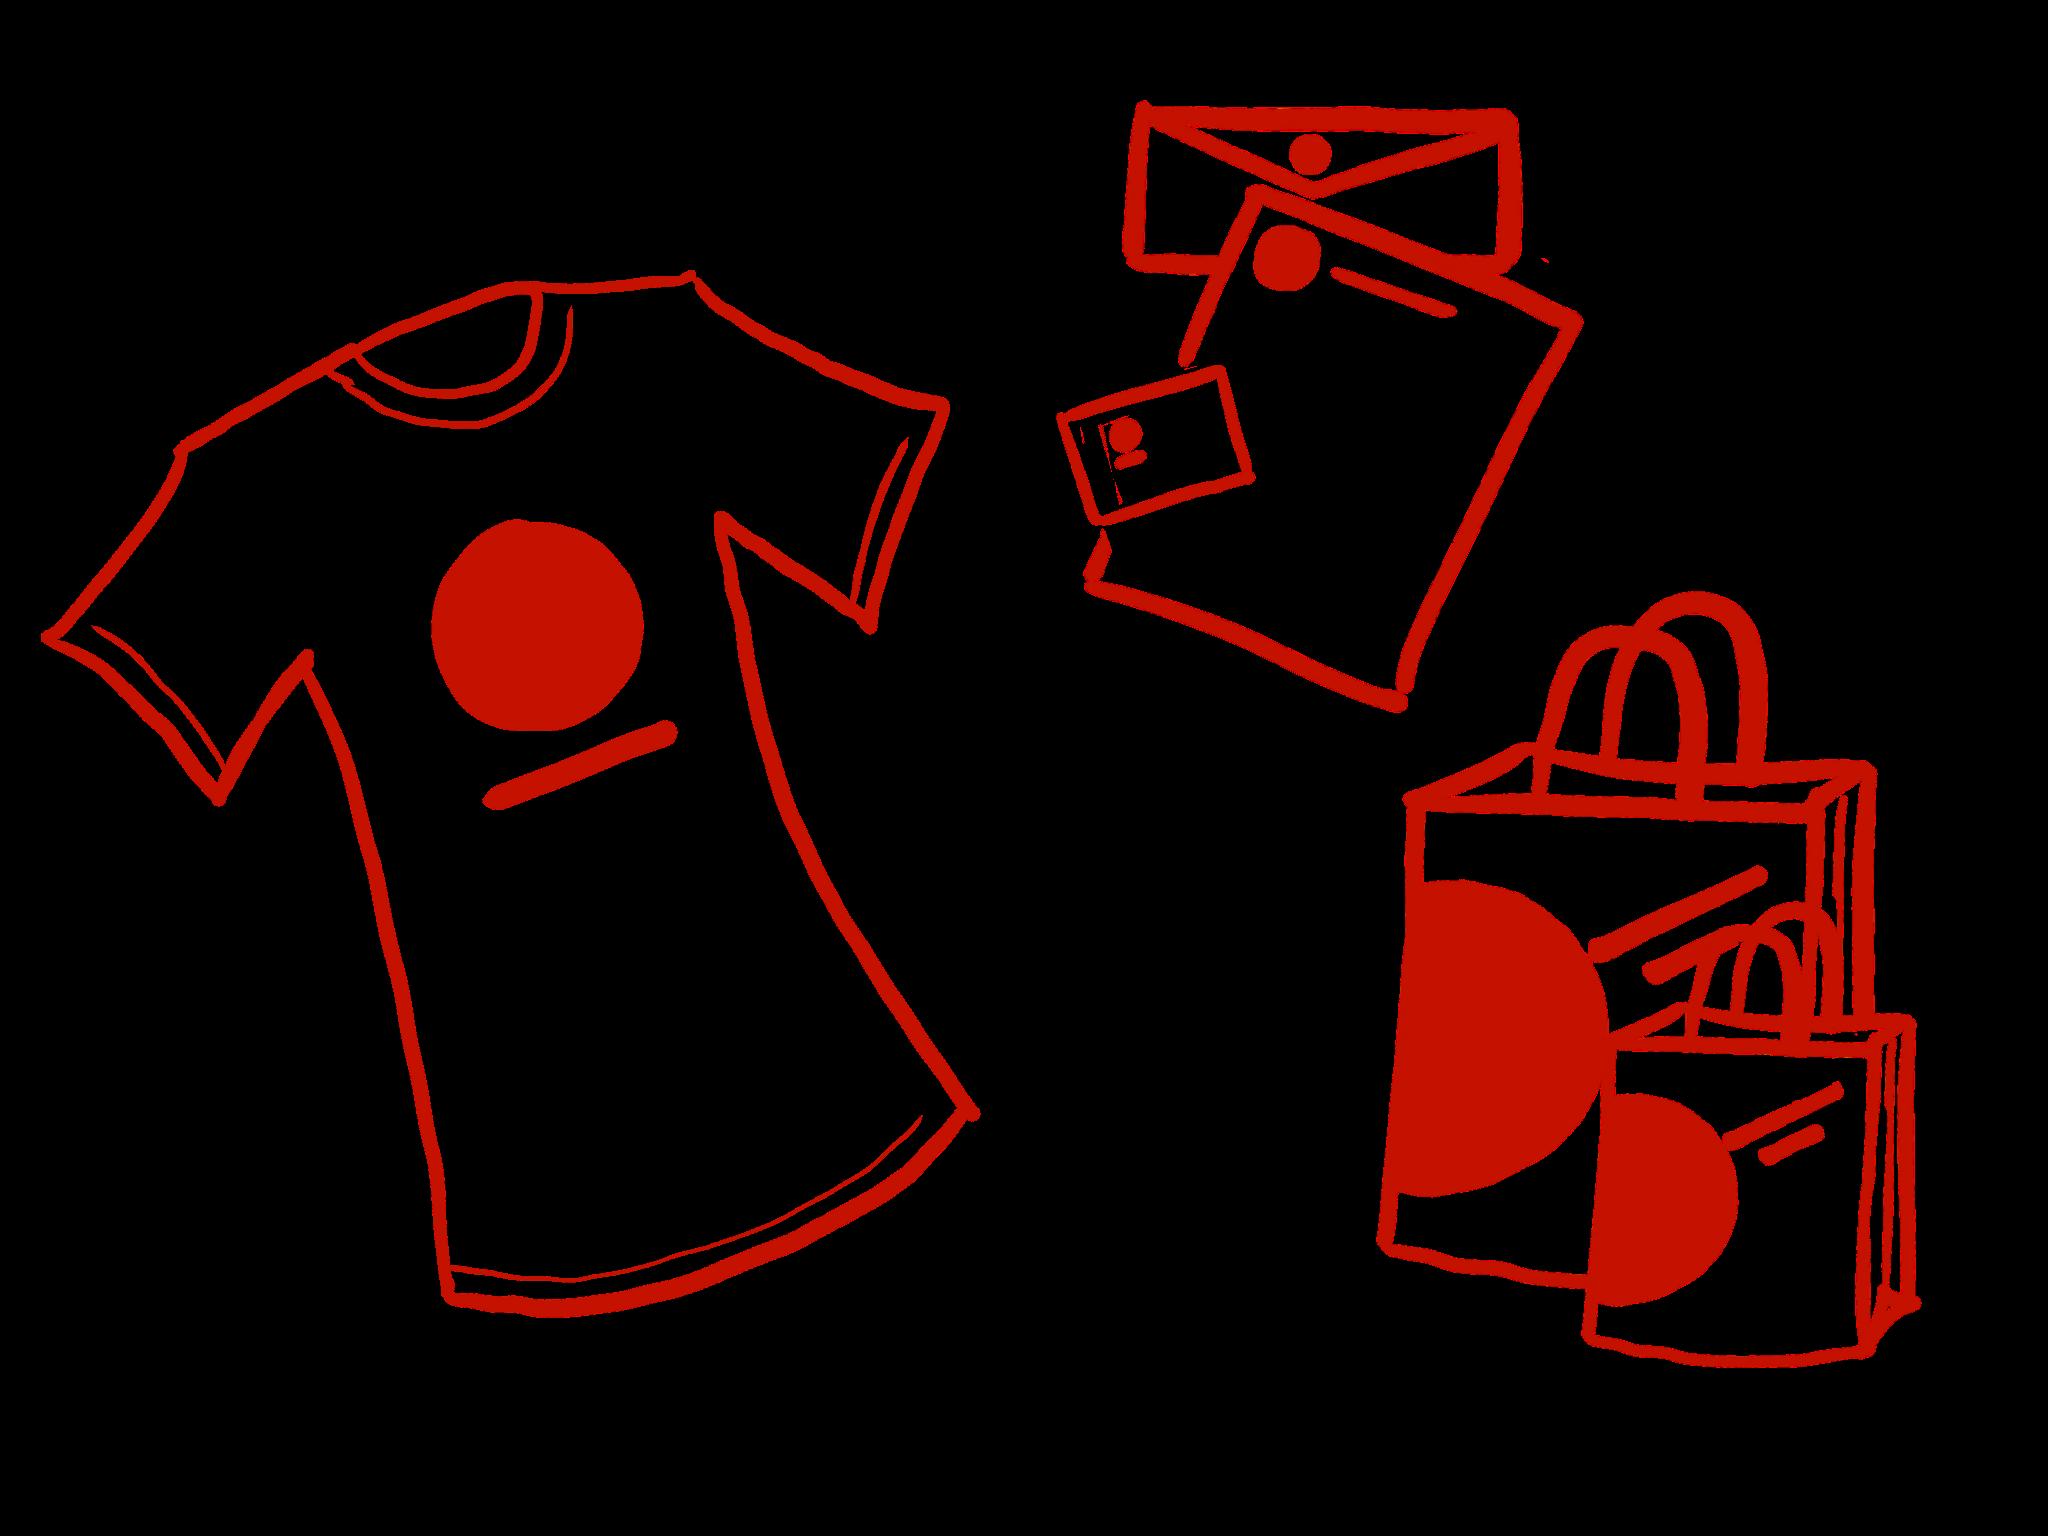 Portfolio_Logo_Design_Drawing 2.png